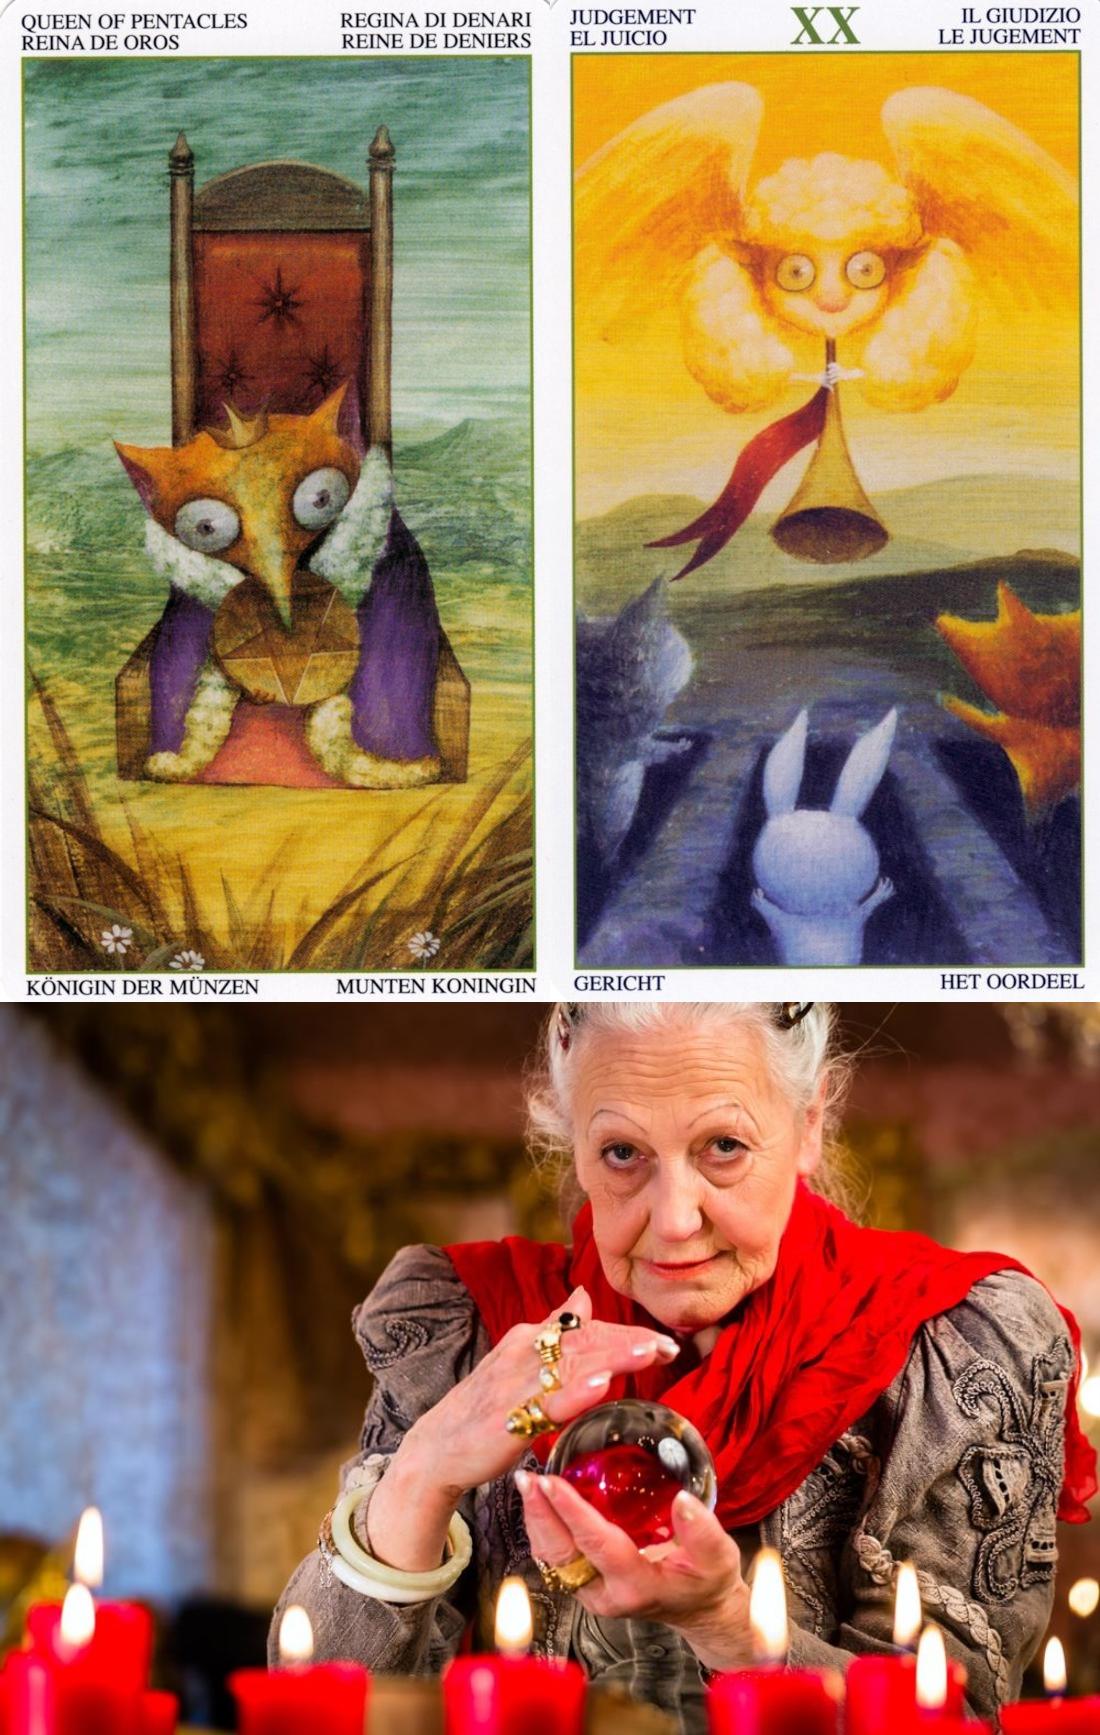 3 card tarot reading, free trusted tarot and free latin tarot card